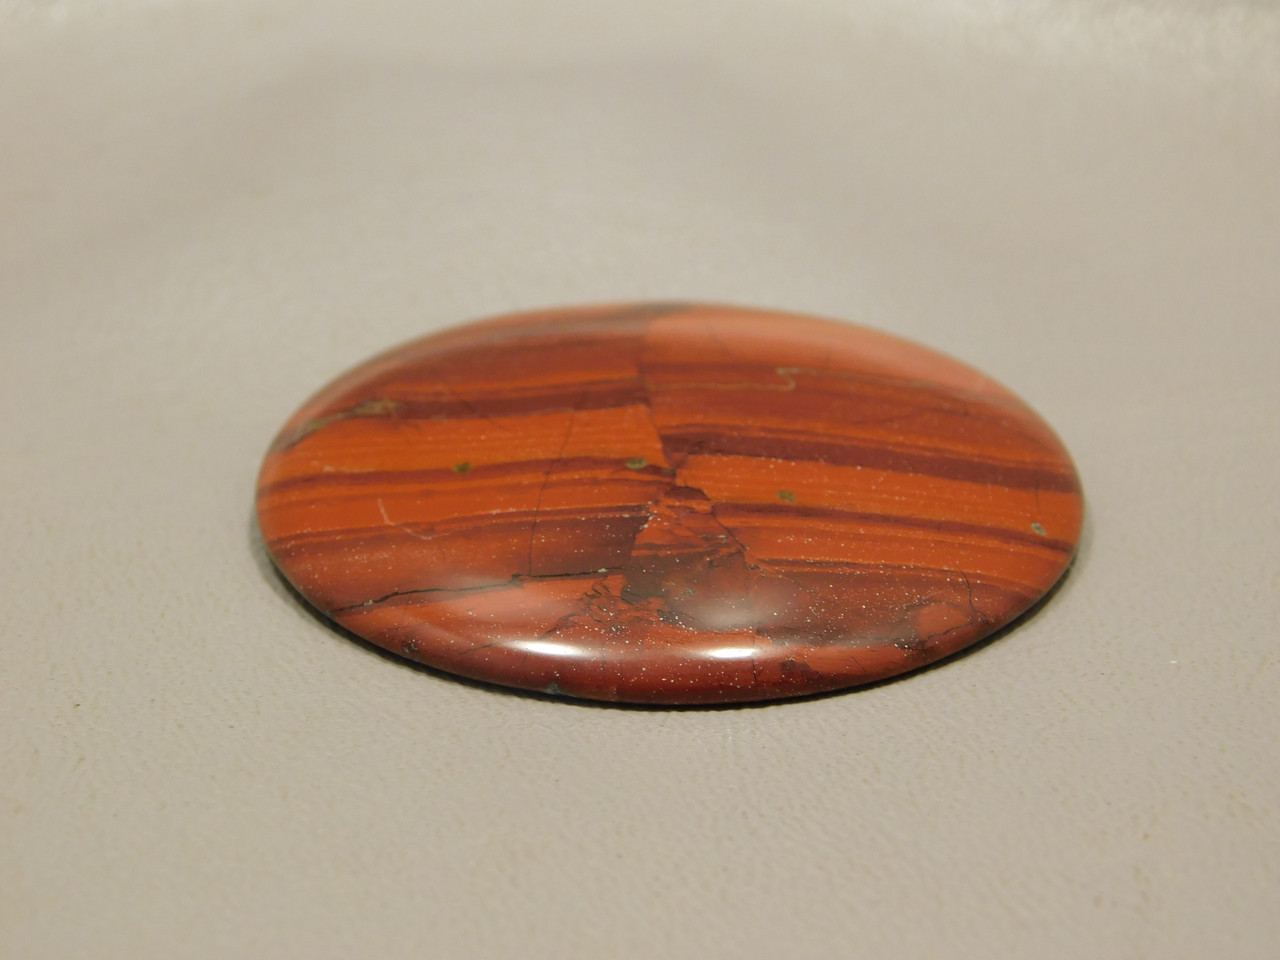 Red Jasper 48.5 mm Round Orange Cabochon Stone #12